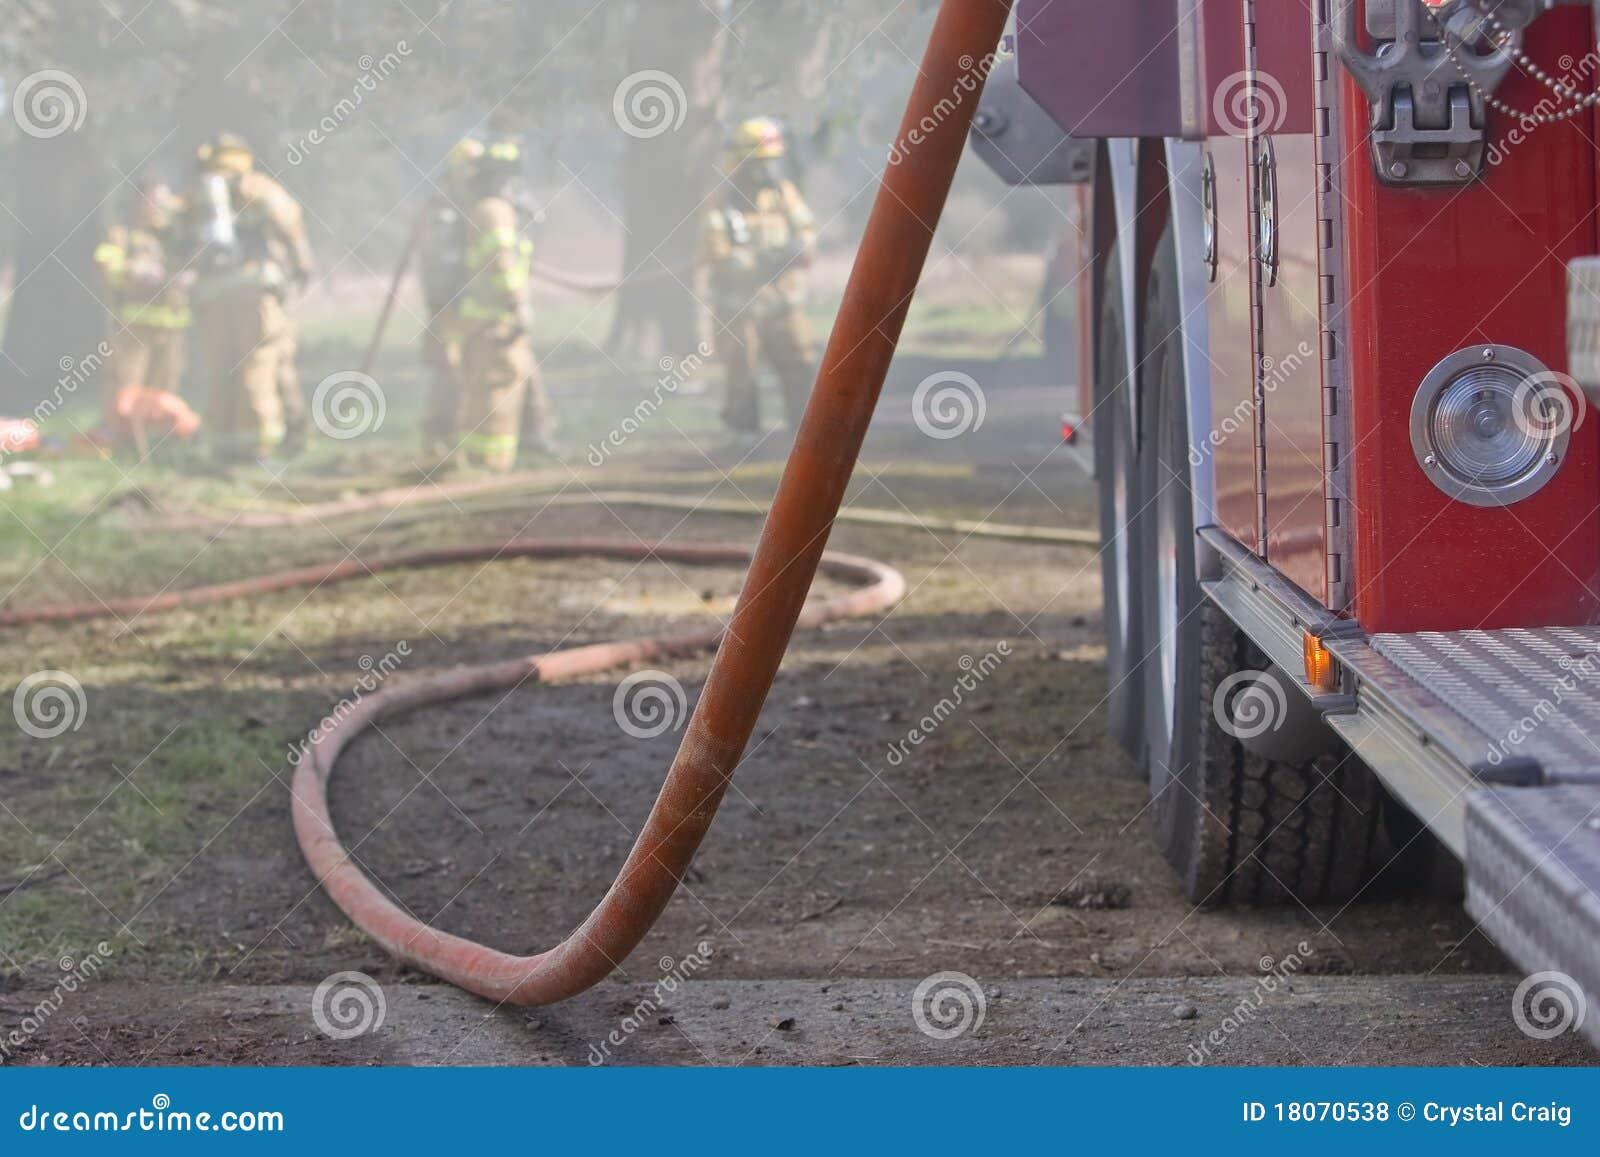 Firetruck und Schlauch